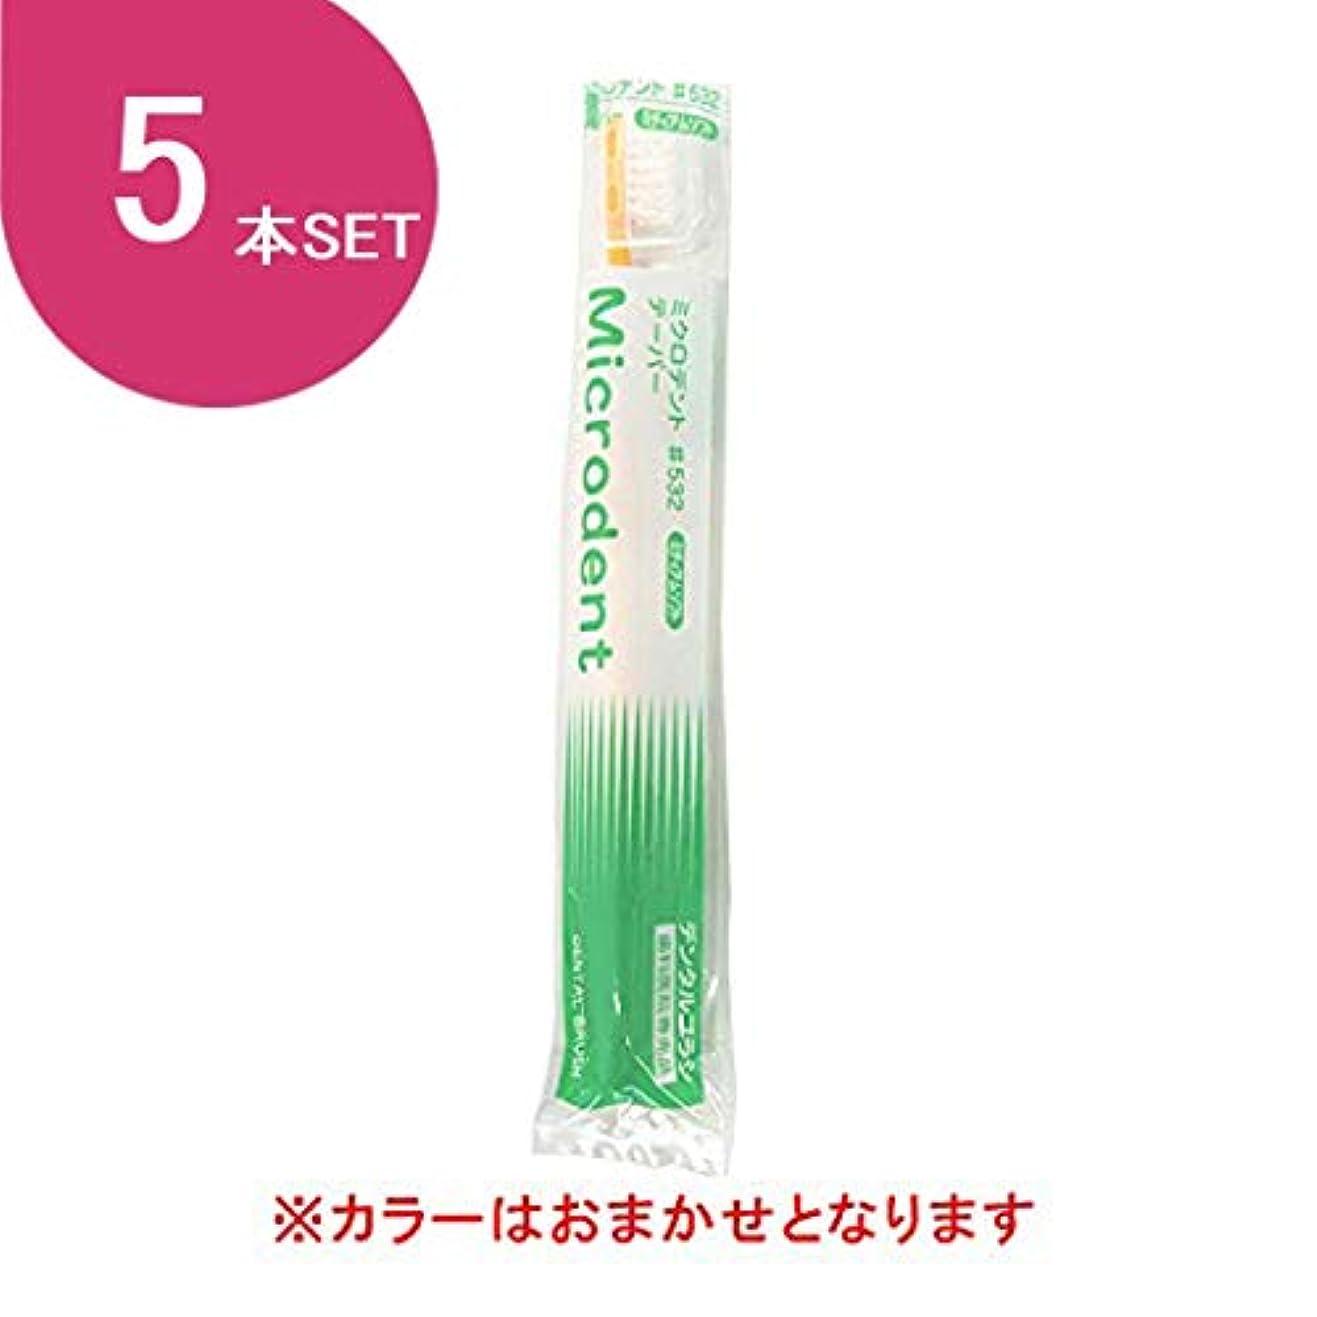 エネルギー巨大な屋内白水貿易 ミクロデント (Microdent) 5本 #532 (ミディアム)